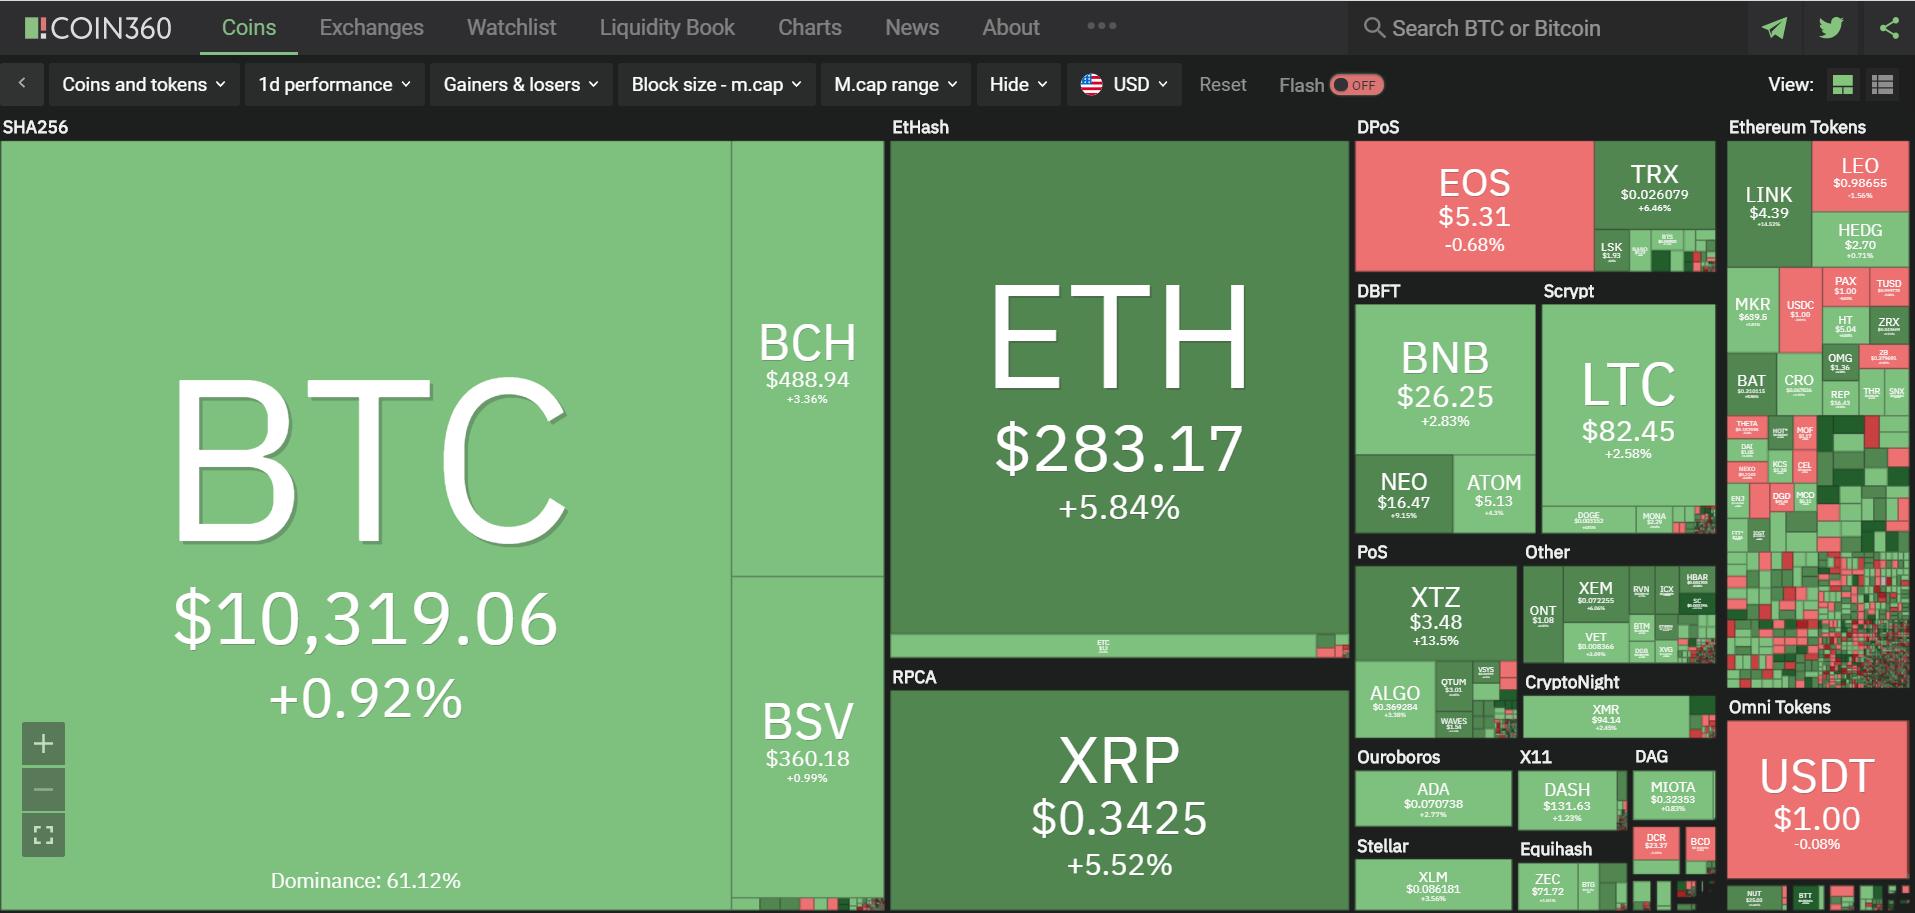 Toàn cảnh thị trường tiền kĩ thuật số hôm nay (15/2) (Nguồn: Coin360.com)